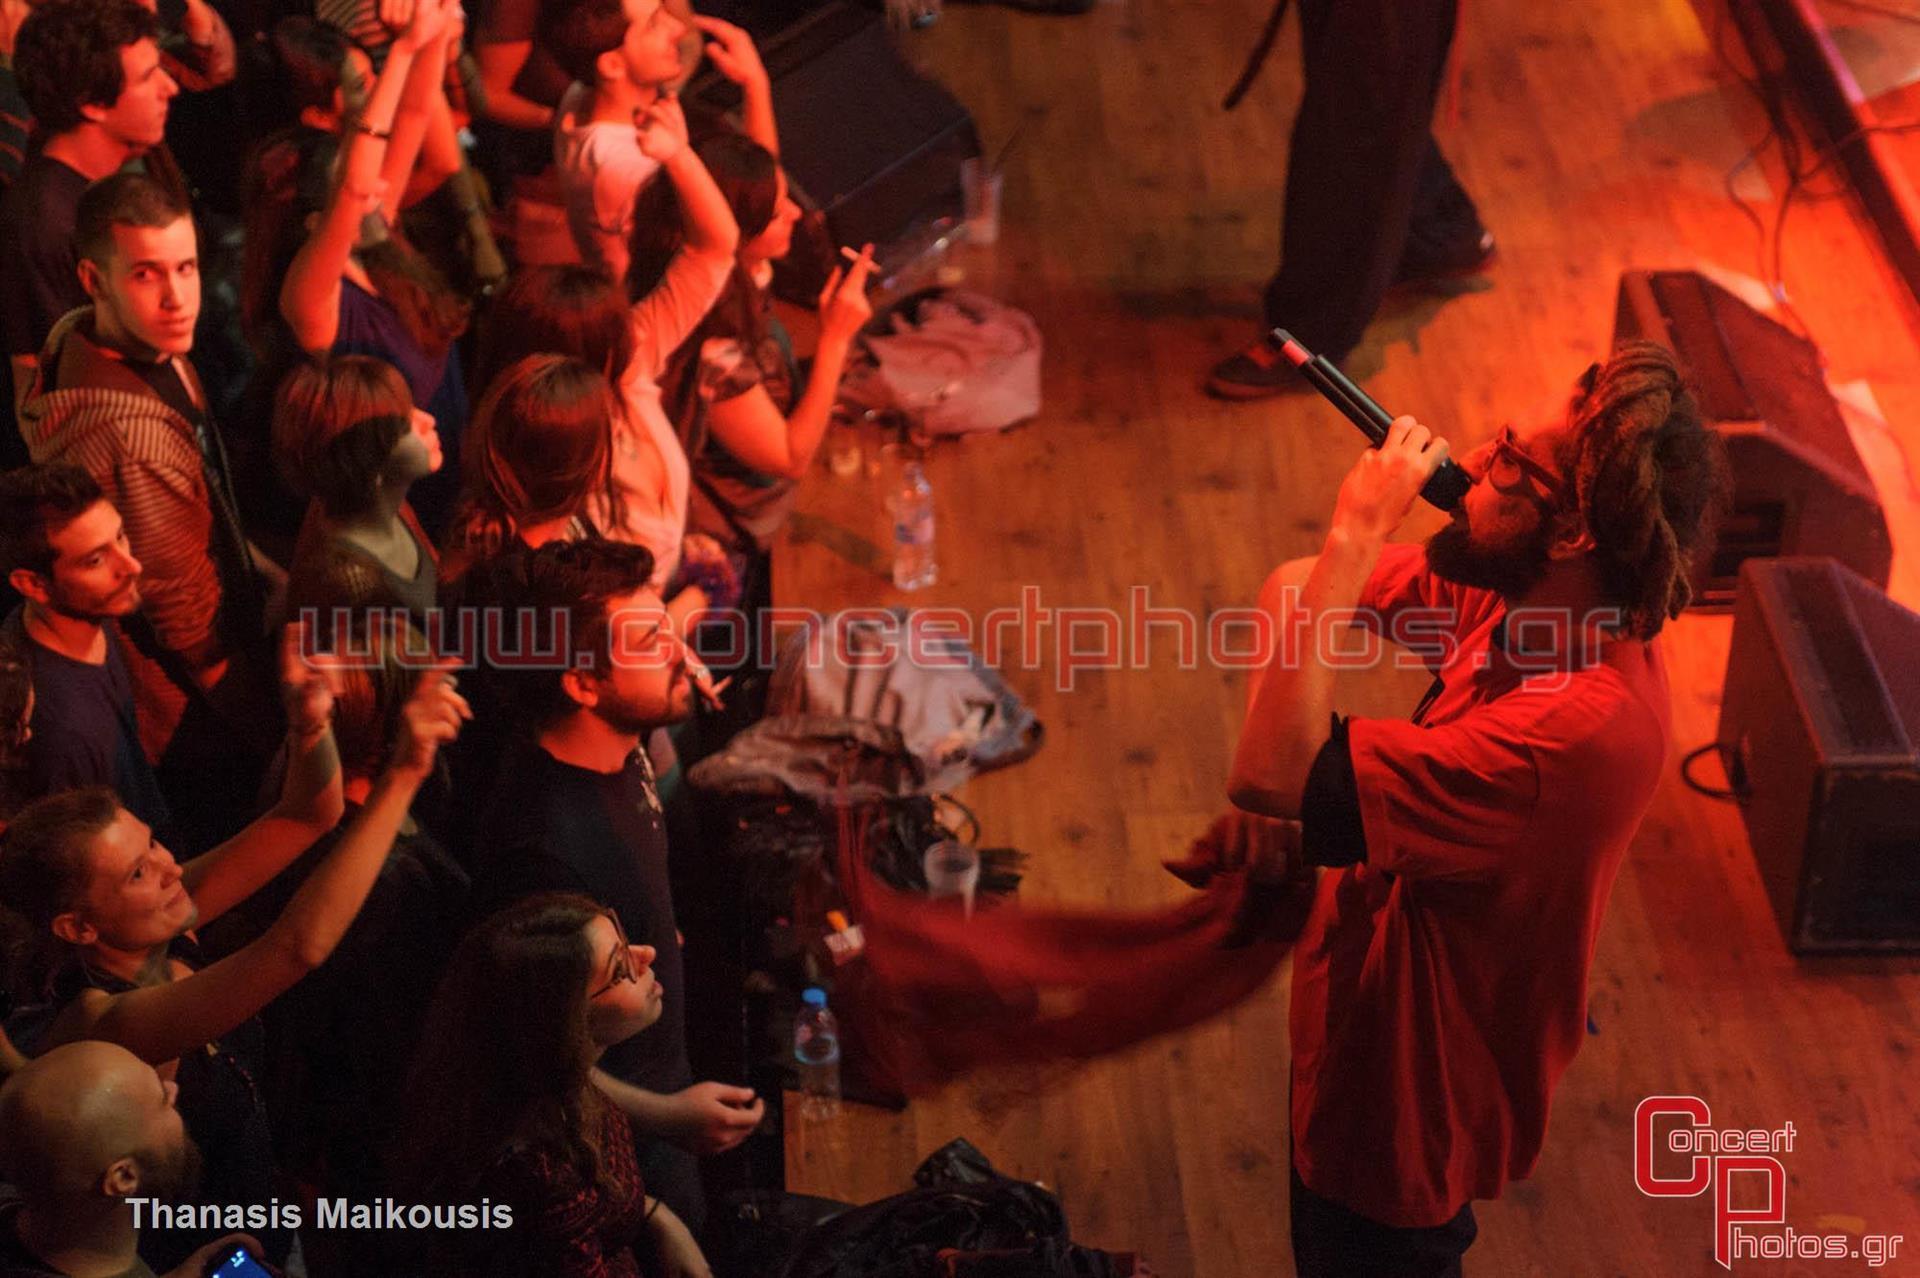 Wax Tailor - photographer: Thanasis Maikousis - ConcertPhotos-8287